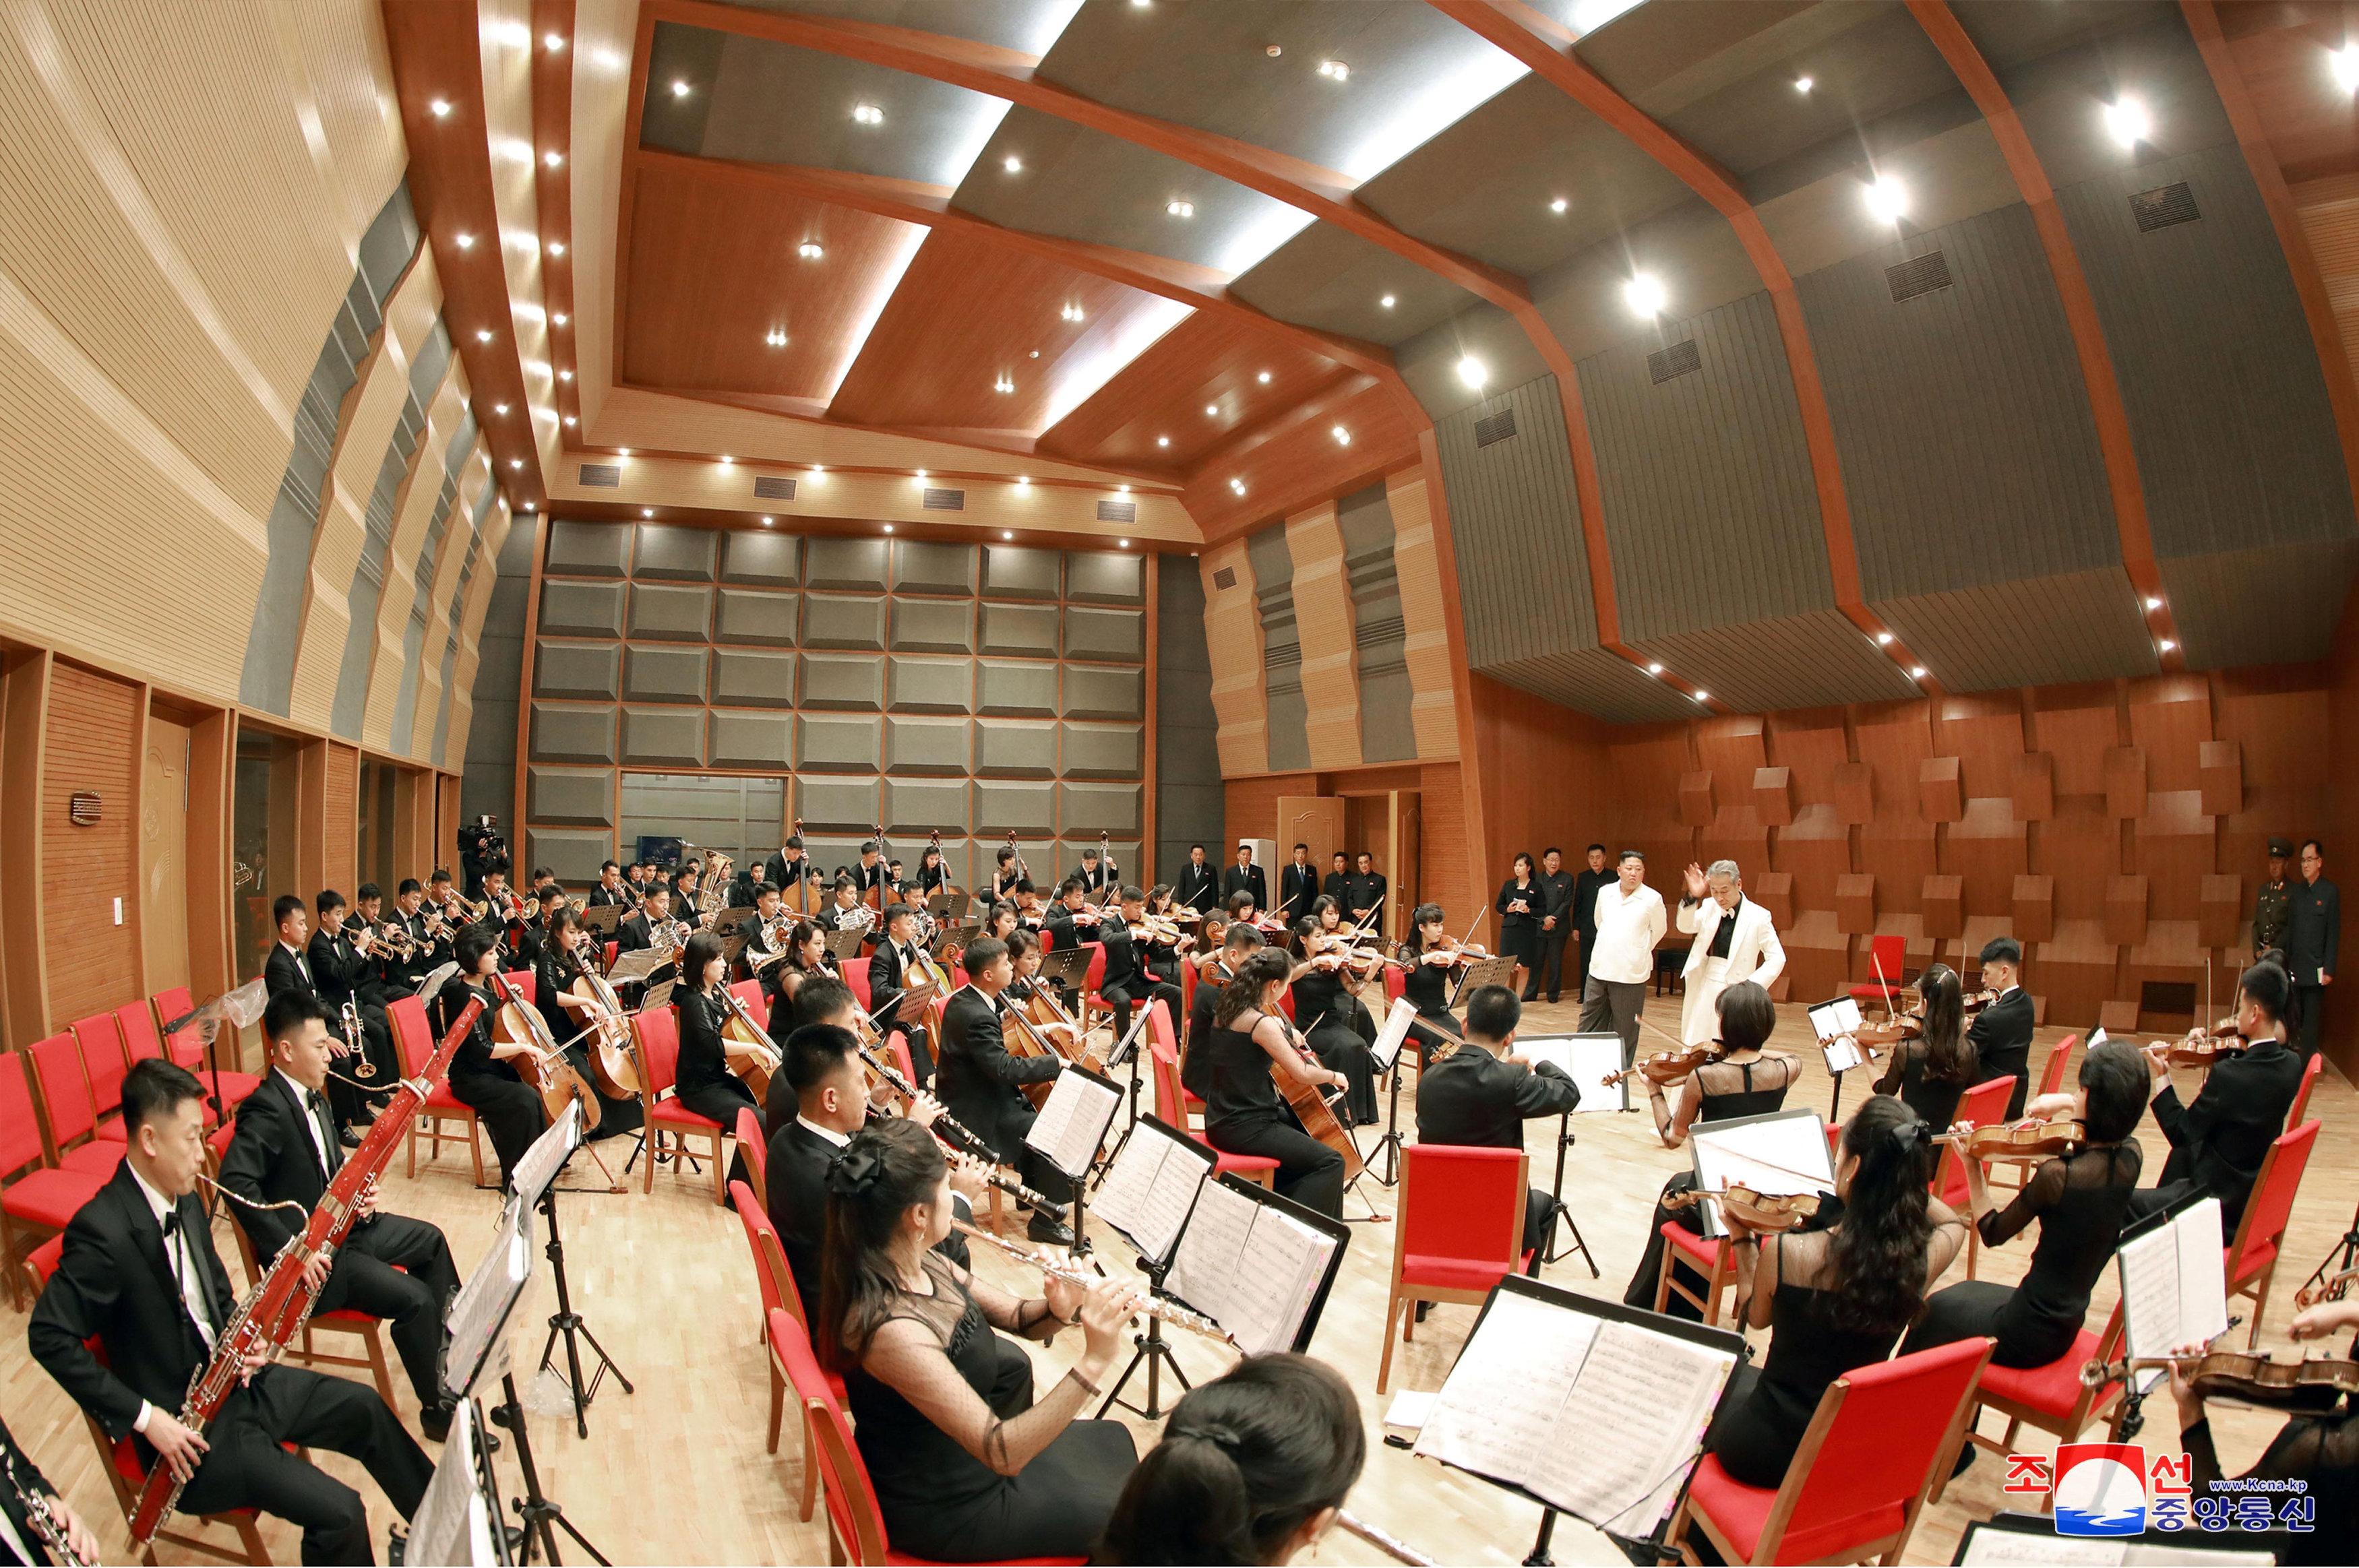 عرض موسيقى بحضور الزعيم فى كوريا الشمالية